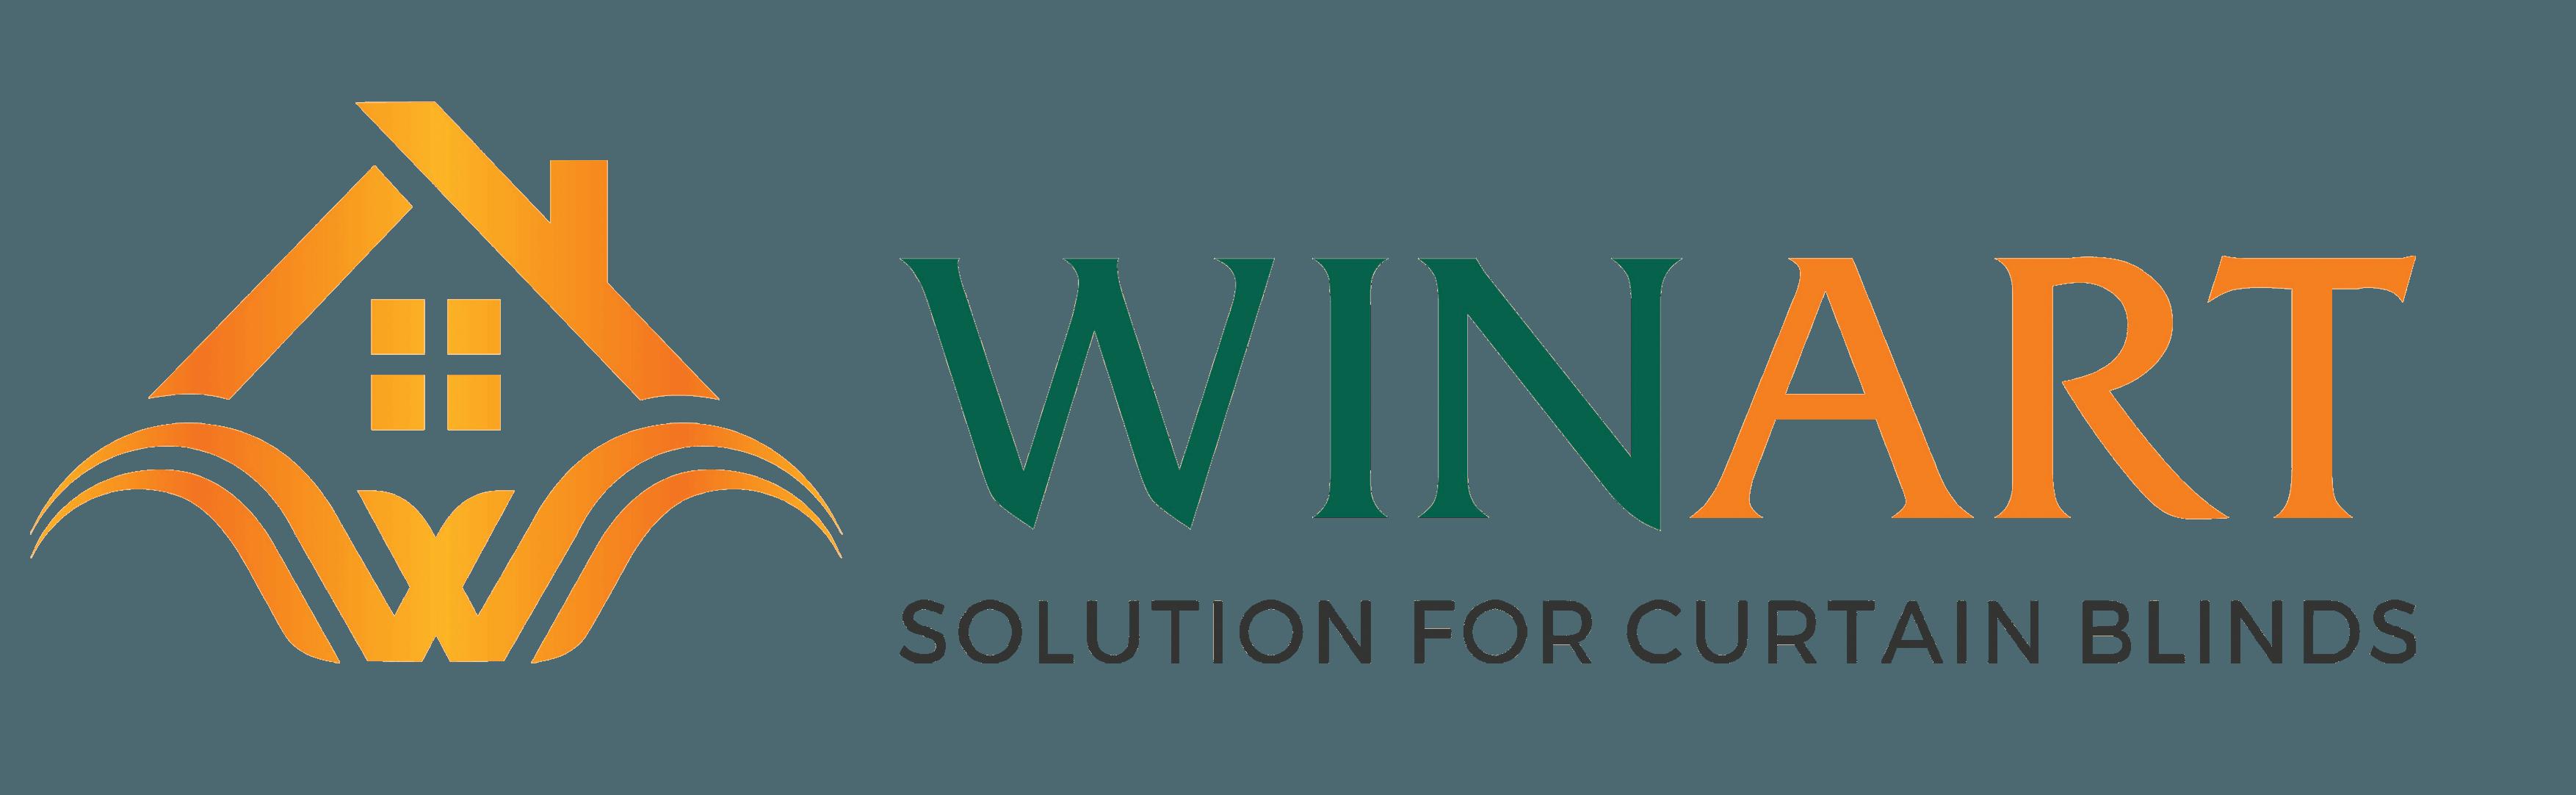 Rèm cửa WinArt nhập khẩu 100% Hàn Quốc